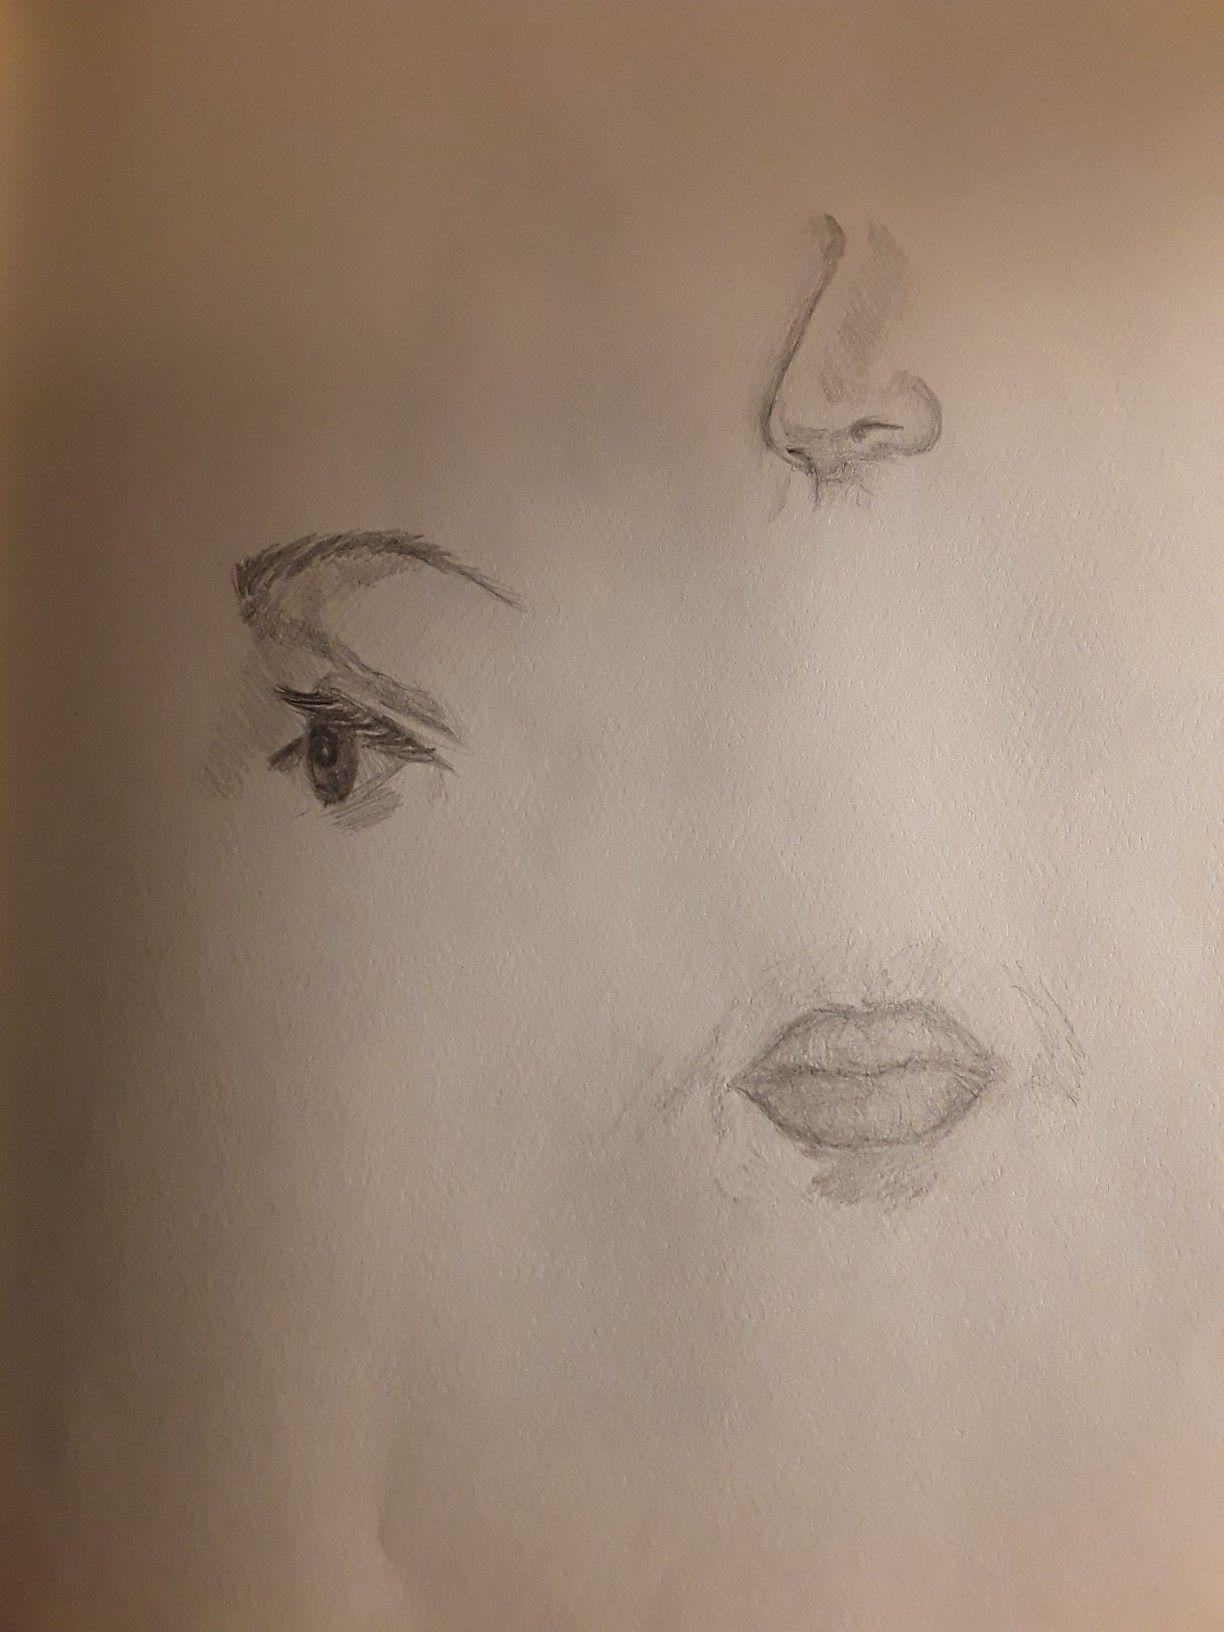 Auge Von Der Seite, Nase 3/4 Ansicht, Mund Von Vorne | Nase in Gesicht Von Der Seite Zeichnen